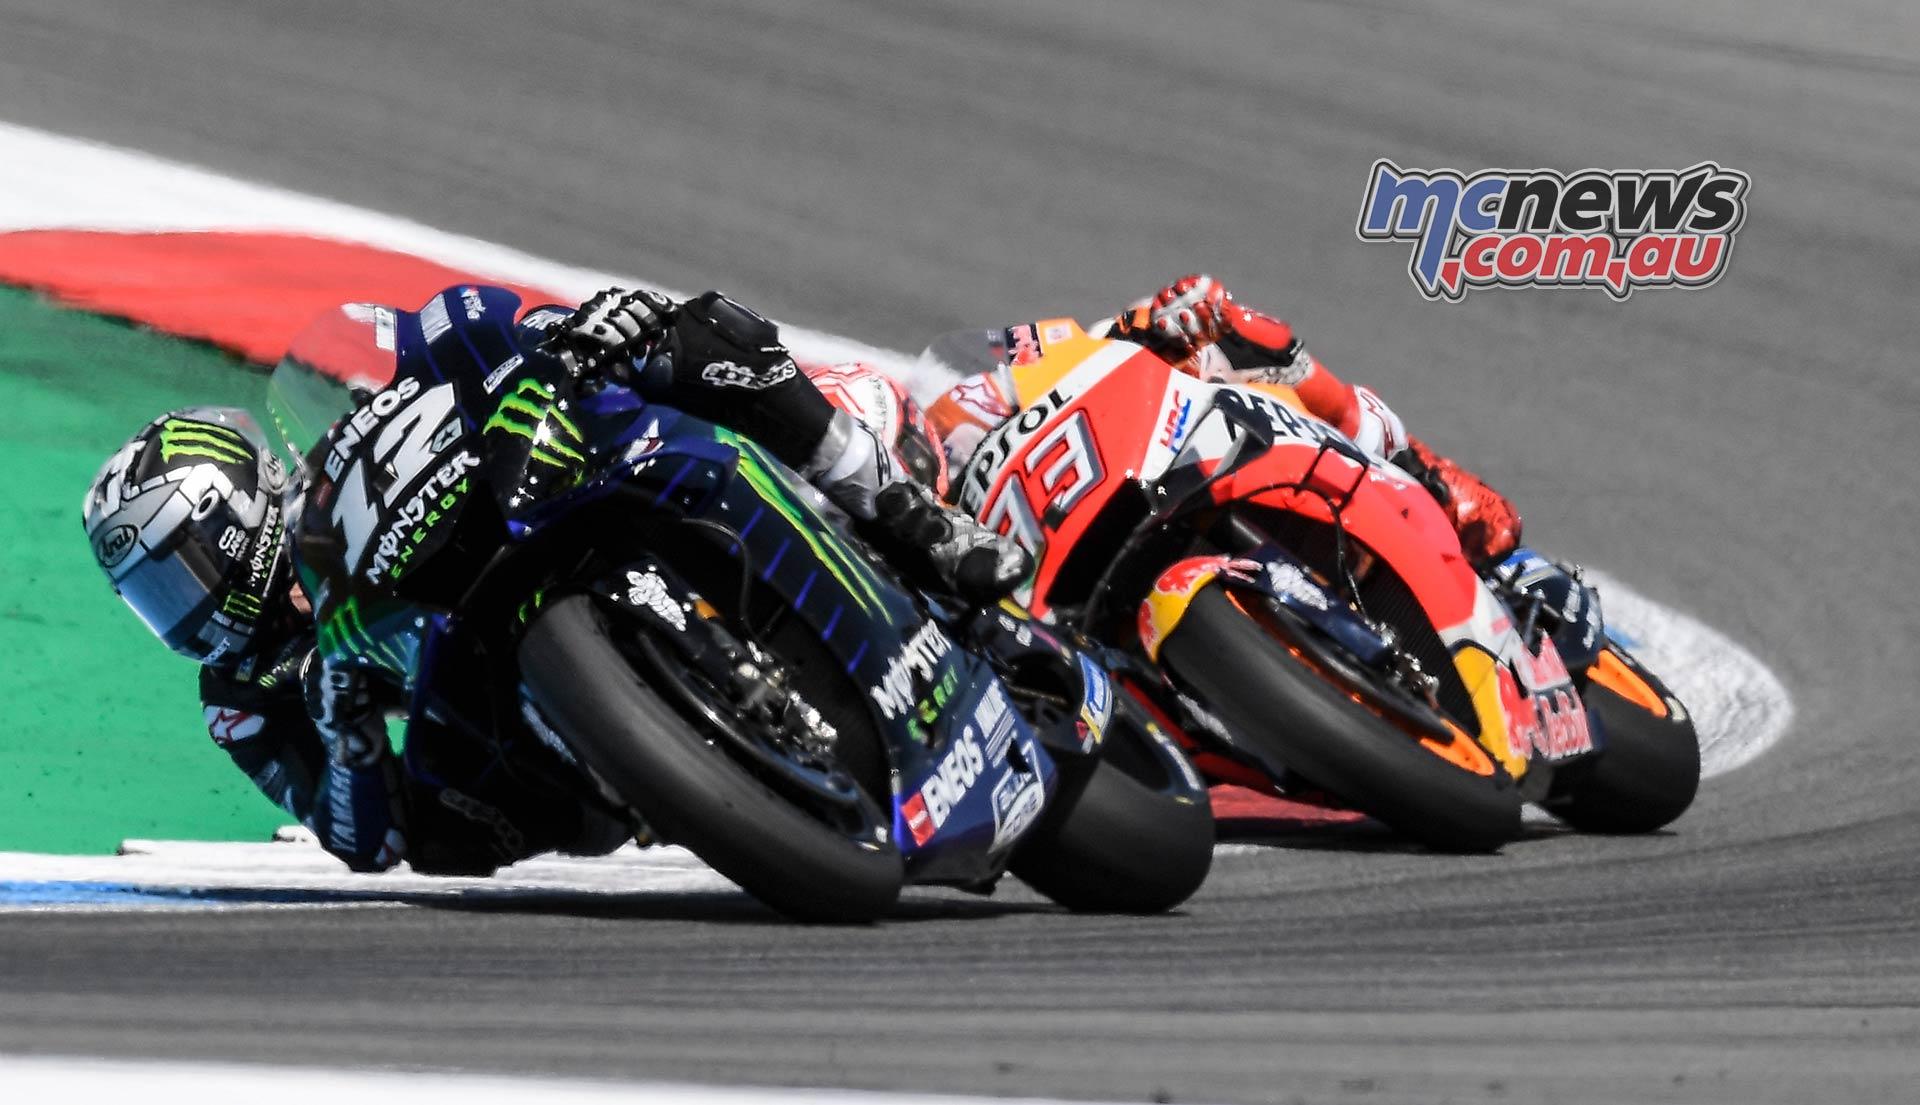 MotoGP Rnd Assen Race Marquez Vinales Close